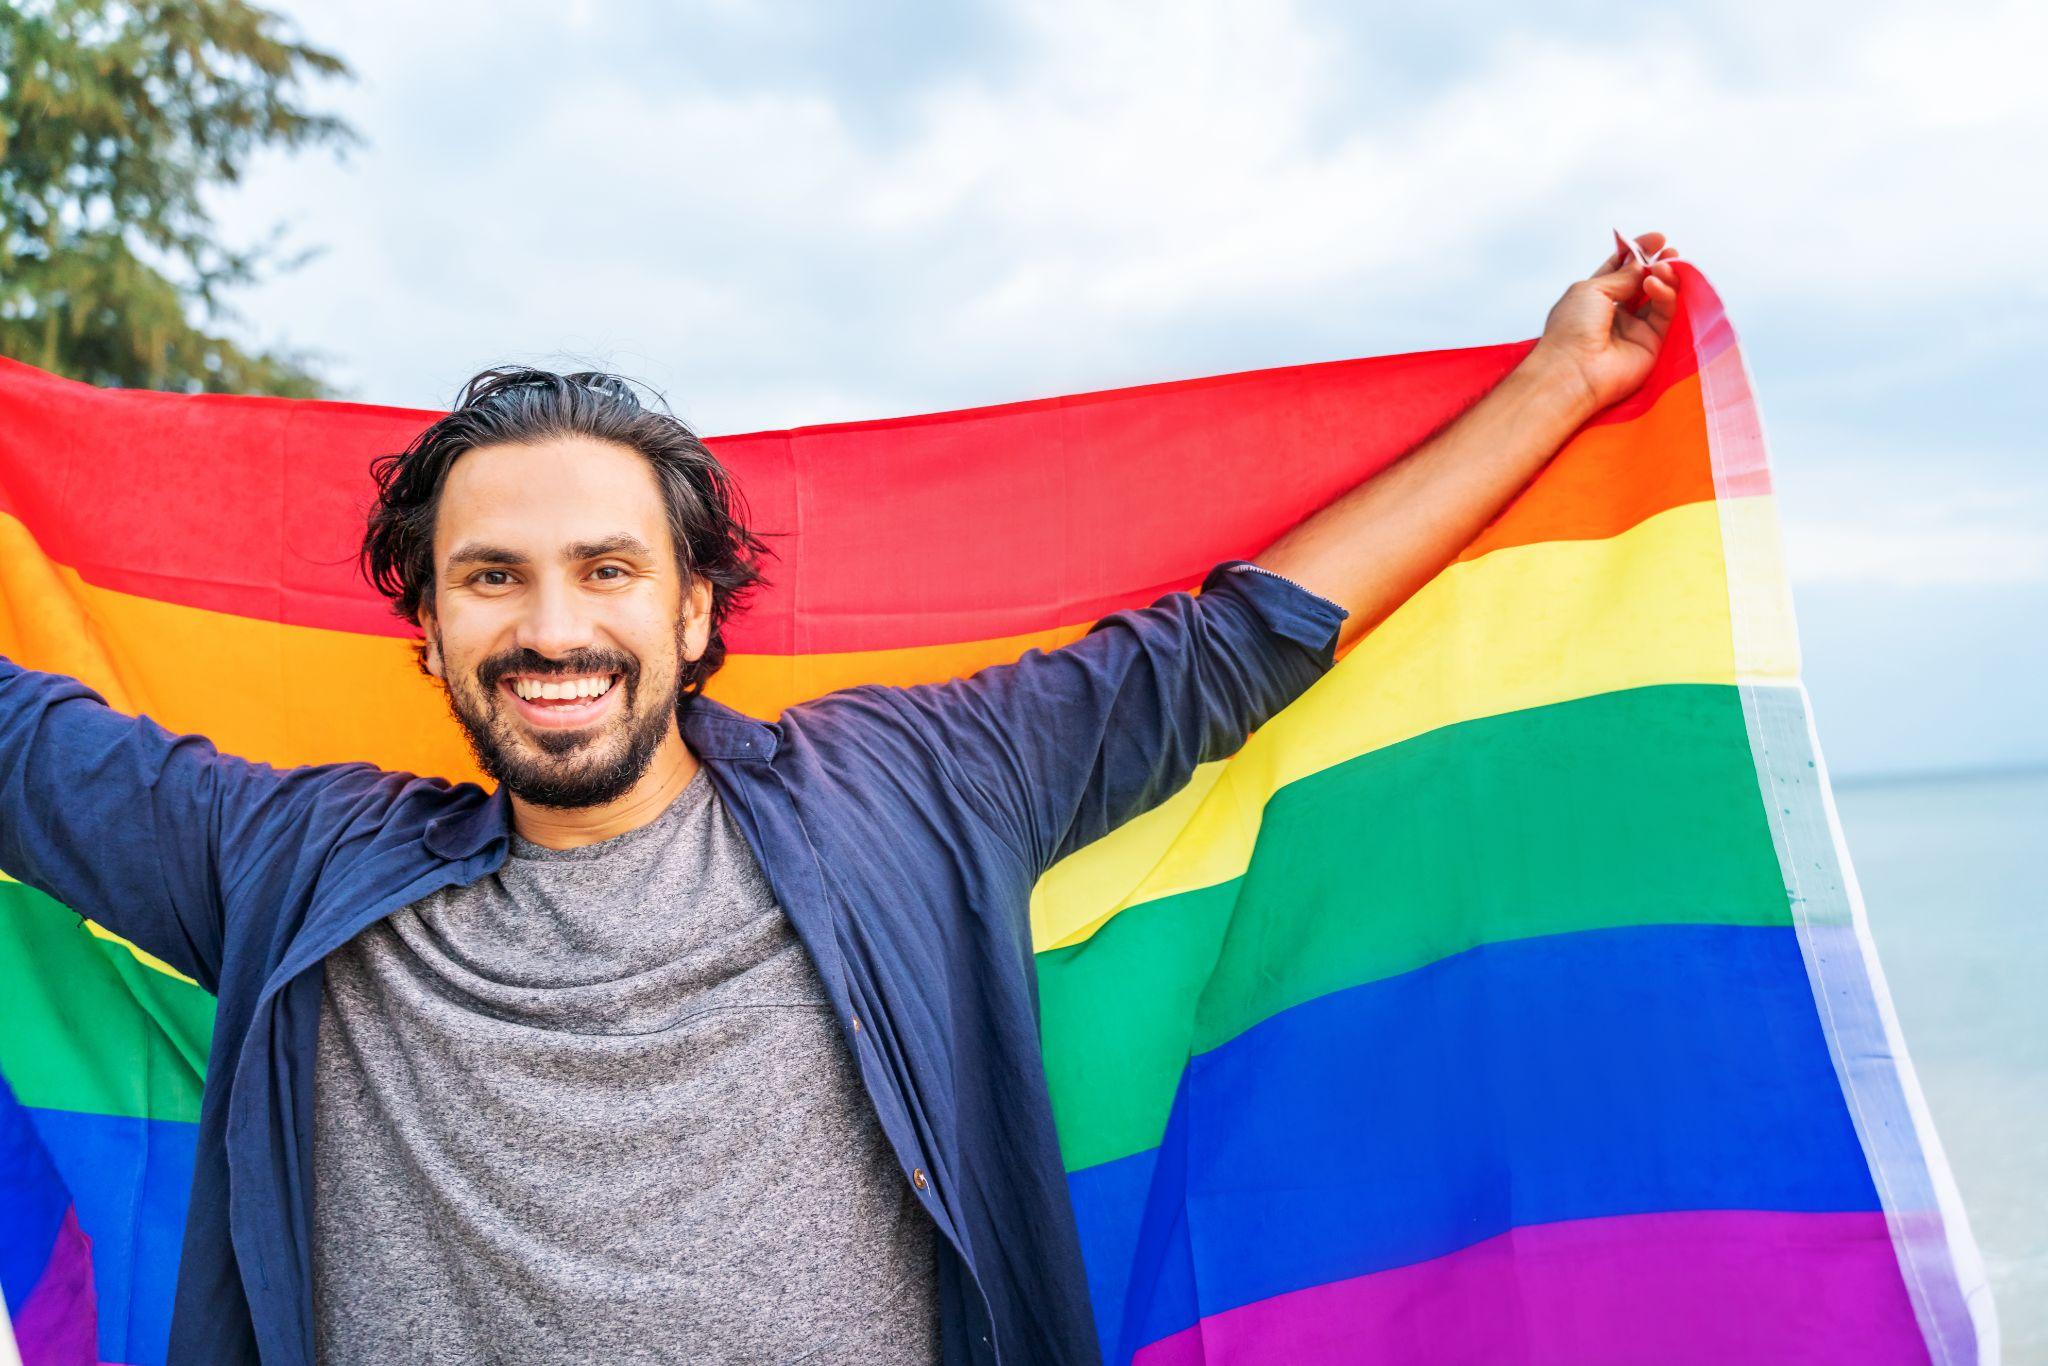 Young man holding a rainbow flag against the ocean sky